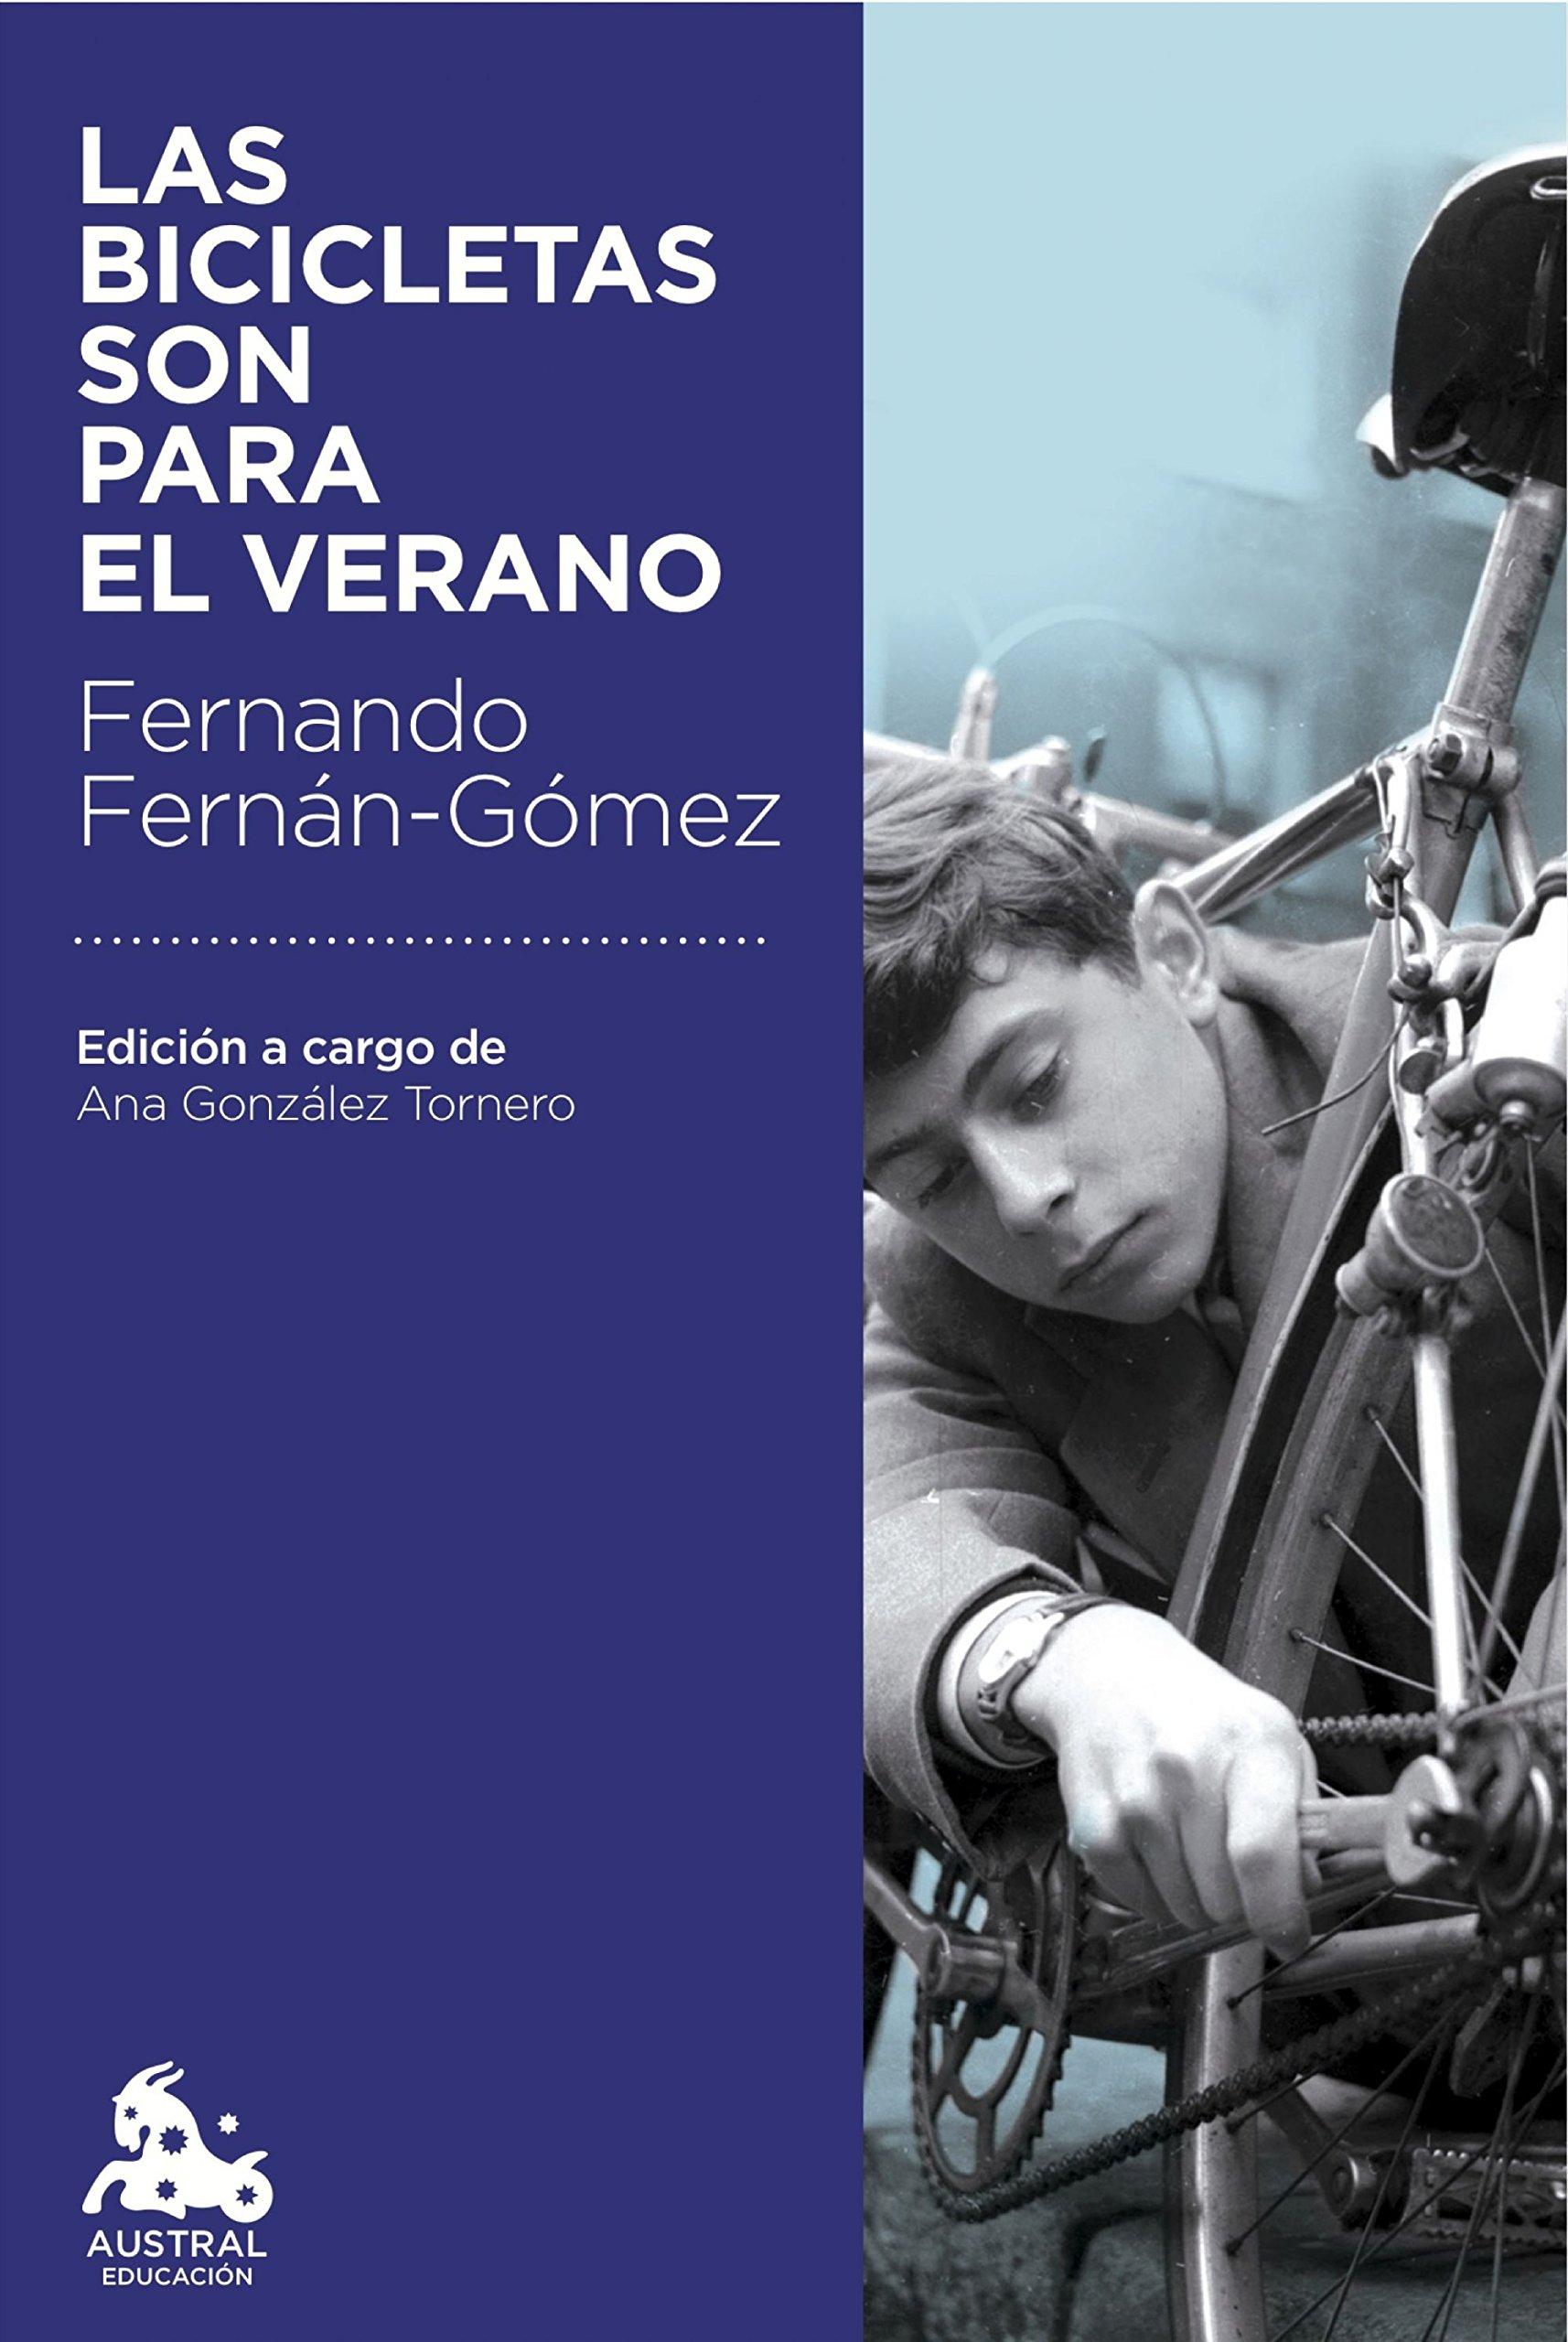 Las bicicletas son para el verano (Austral Educación): Amazon.es: Fernán-Gómez, Fernando: Libros